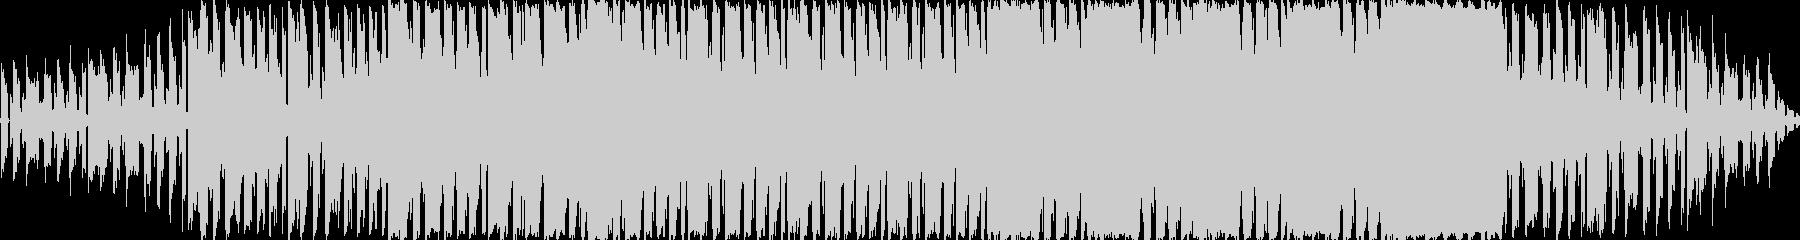 ループ可能なシンセポップの未再生の波形